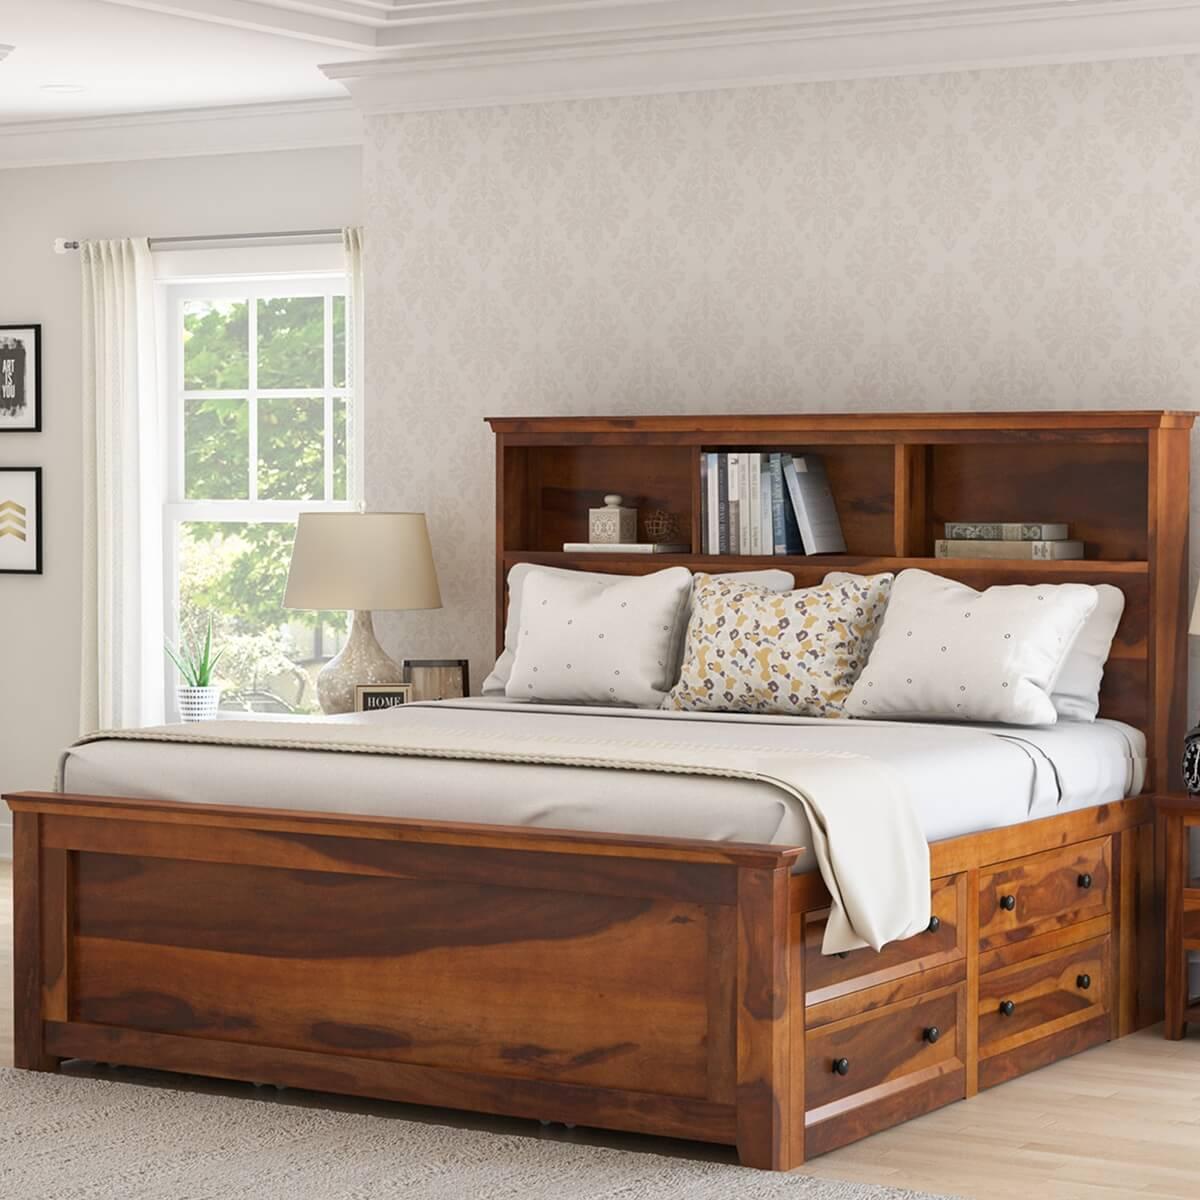 Mission Modern Solid Wood King Size Platform Storage Bed